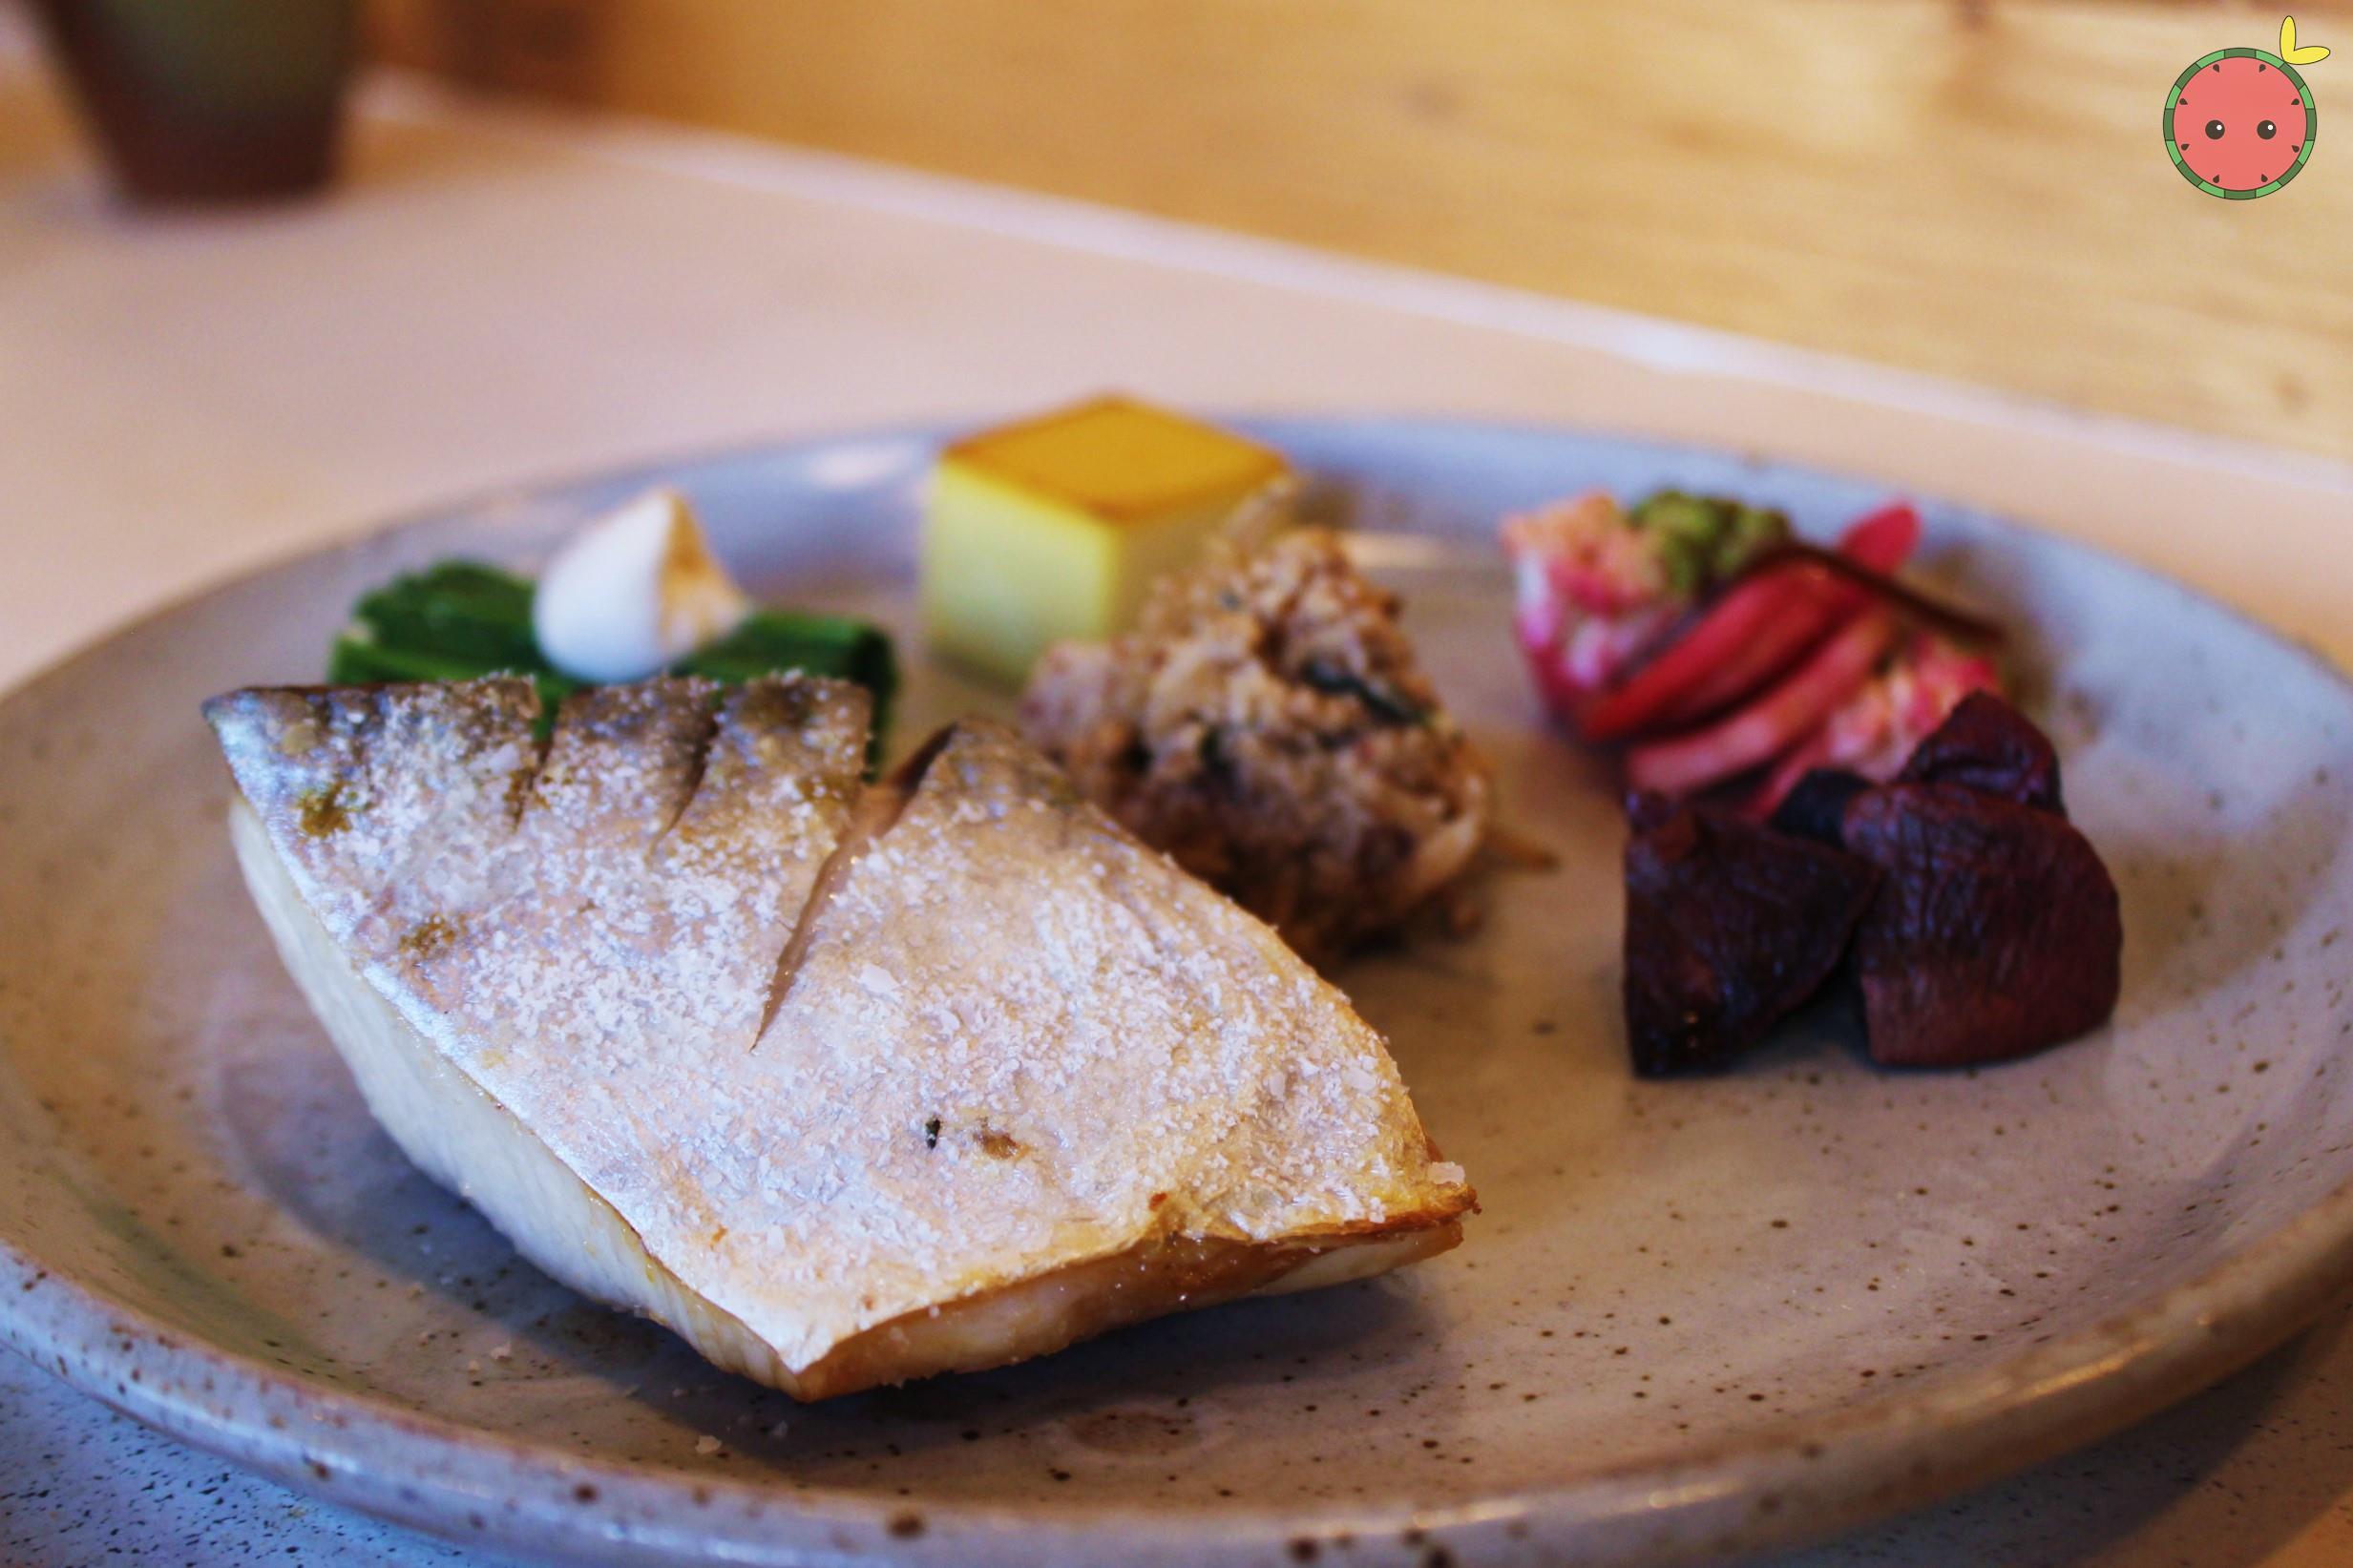 Spanish mackerel shioyaki